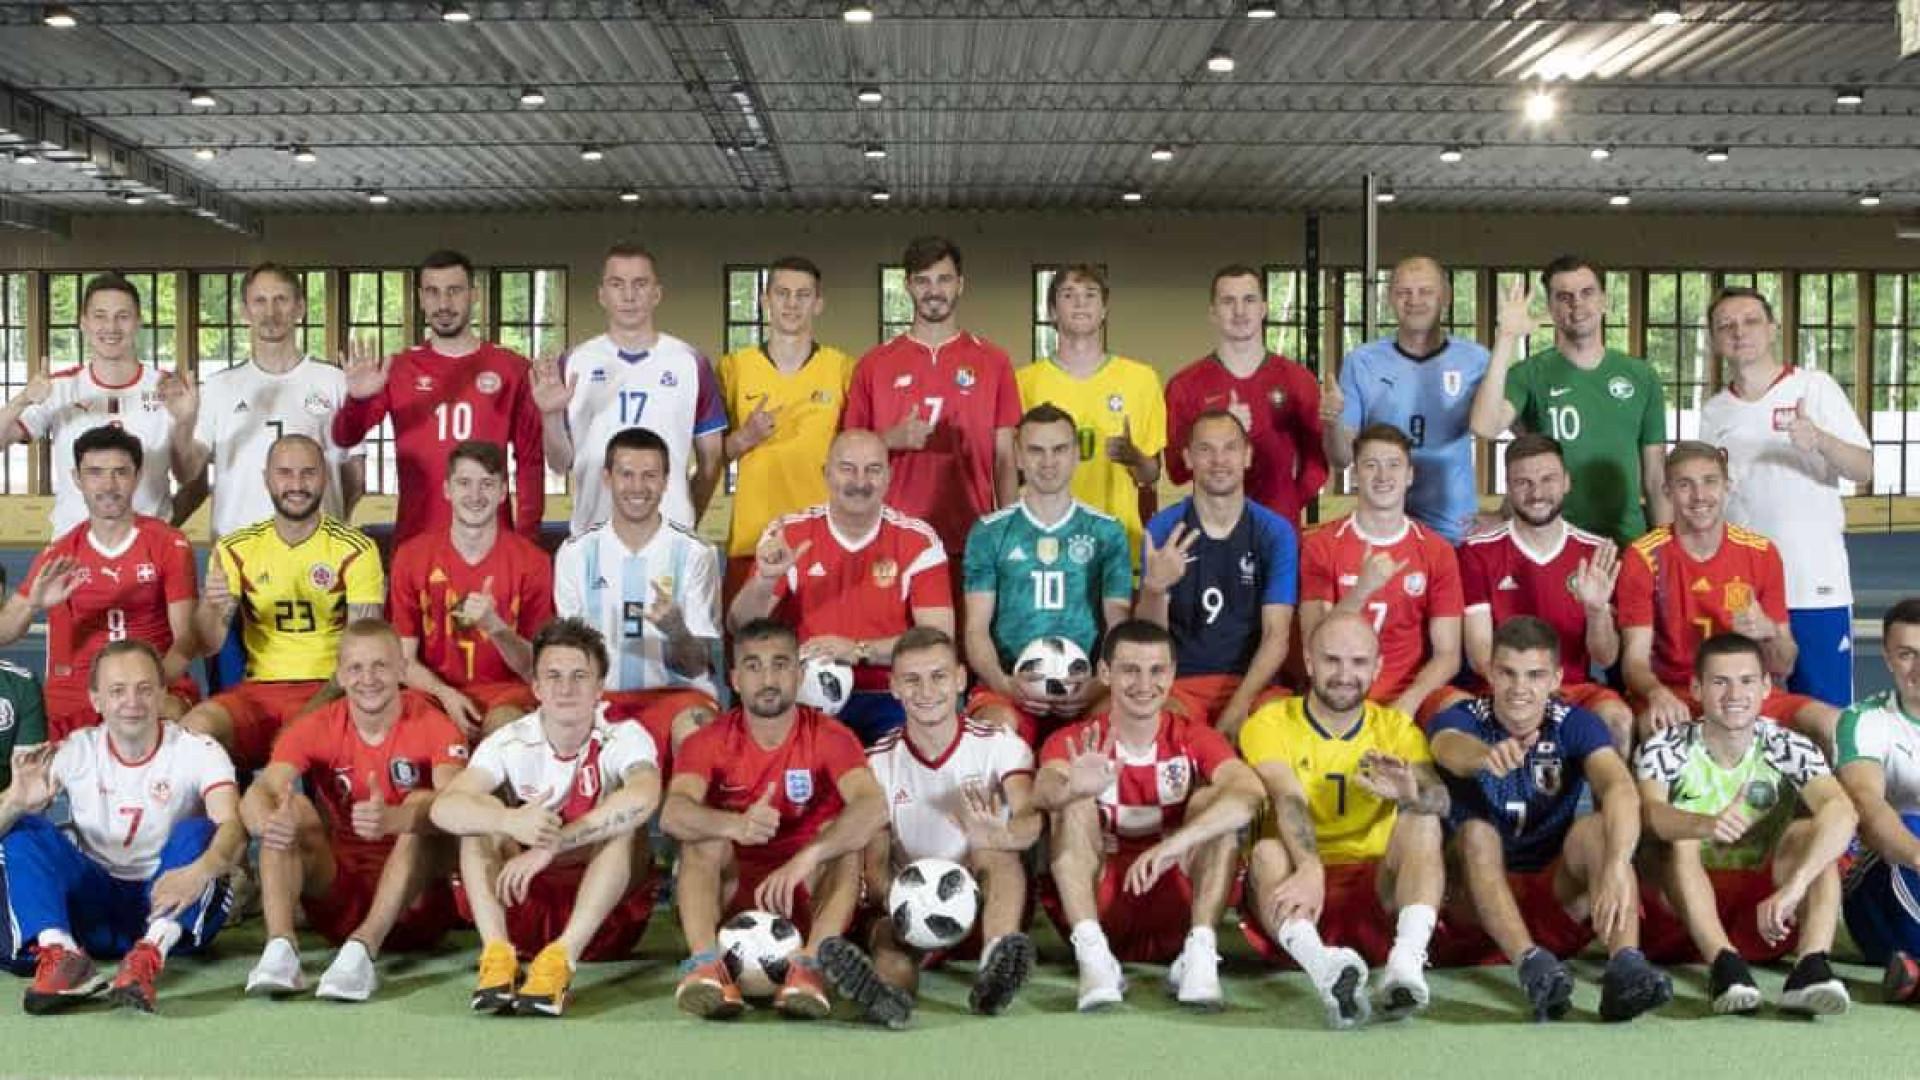 Jogadores da Rússia posam para foto com as camisas de todas seleções 996596cbcdae6